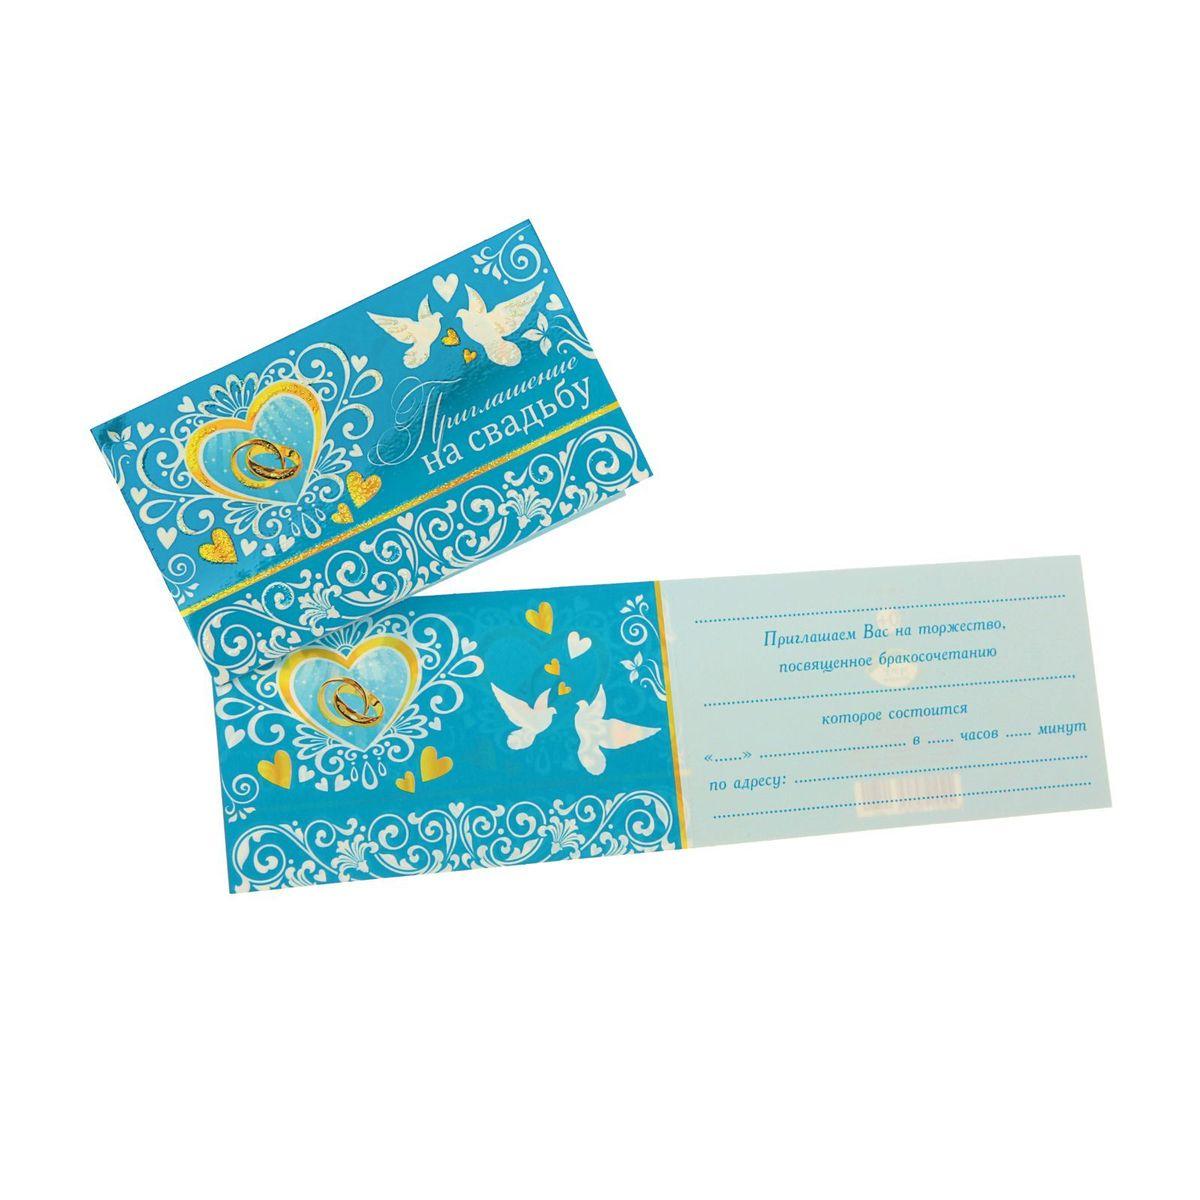 Приглашение на свадьбу Мир открыток Голуби1216763Приглашение на свадьбу Мир открыток Голуби, выполненное из картона, отличается не только оригинальным дизайном, но и высоким качеством. Лицевая сторона изделия оформлена красивым изображением сердца, колец и голубей, а также дополнена изысканным узором, покрытым глиттером. Внутри содержится поле для записи имени гостя, а также даты и места бракосочетания. Приглашение - один из самых важных элементов вашего торжества. Ведь именно пригласительное письмо станет первым и главным объявлением о том, что вы решили провести столь важное мероприятие. И эта новость обязательно должна быть преподнесена достойным образом. Оригинальный дизайн, цвета и индивидуальные декоративные элементы - вот успех такого приглашения для свадьбы.